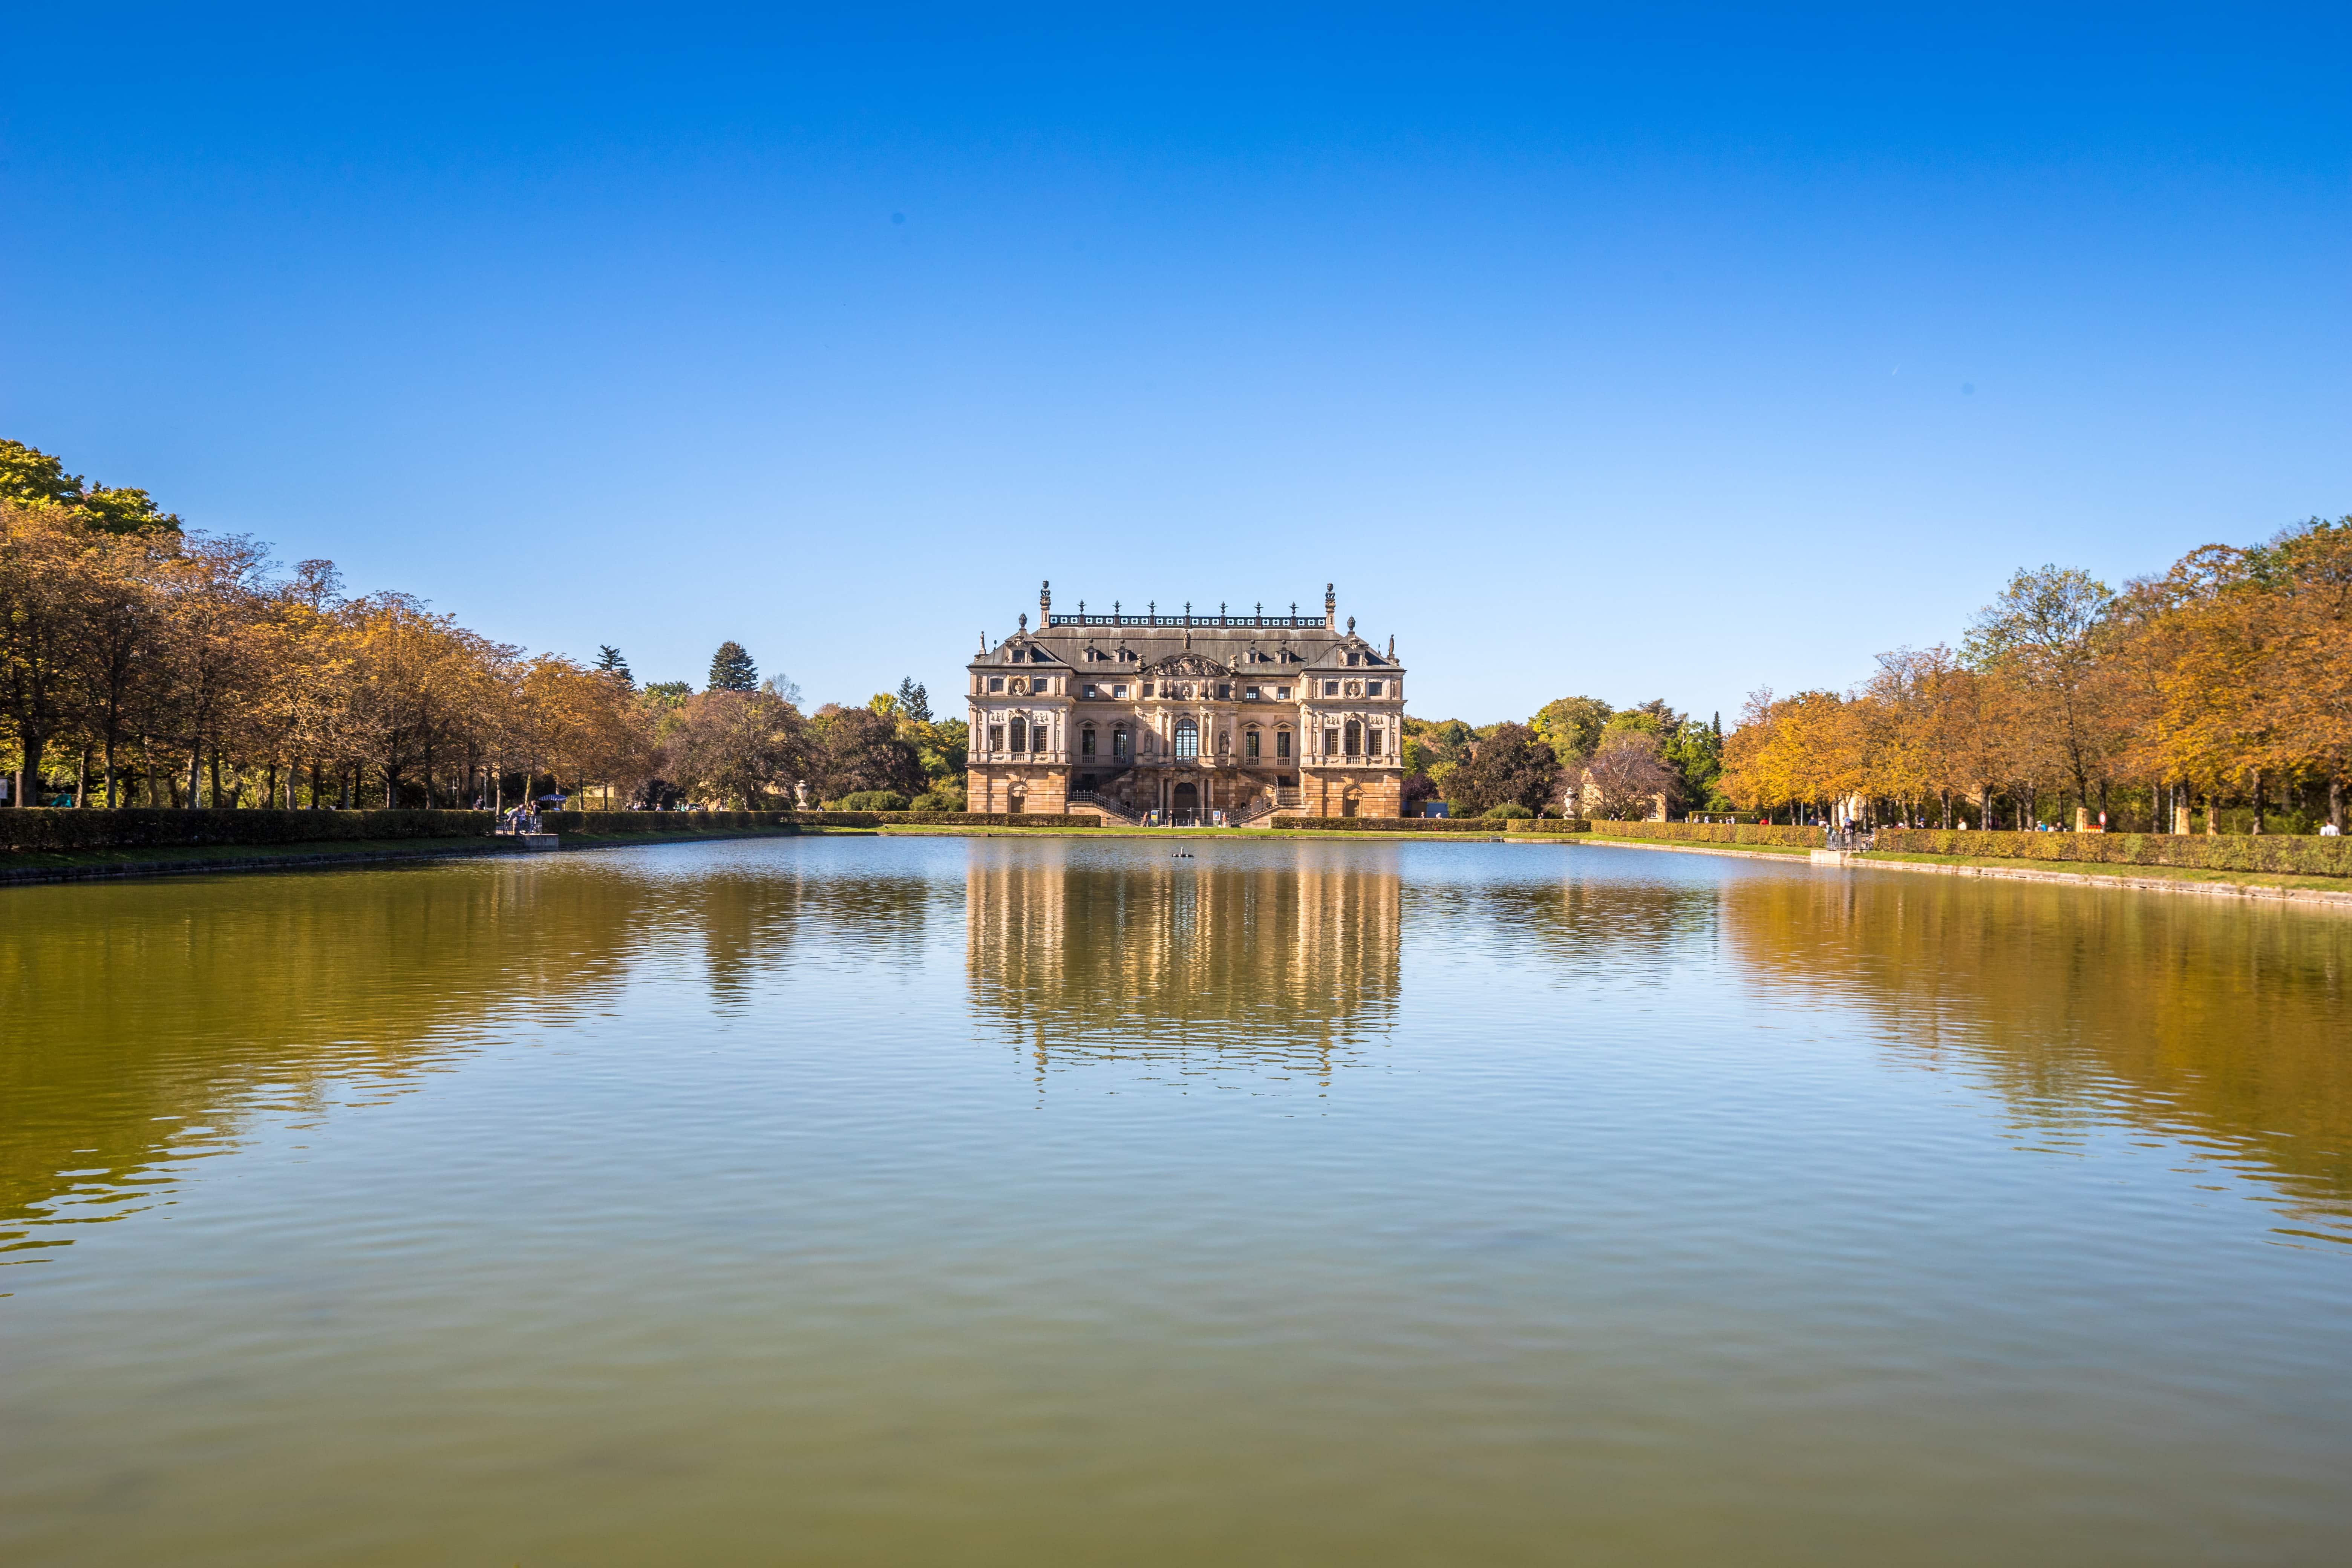 Blick vom See auf den Palast im großen Garten in dresden